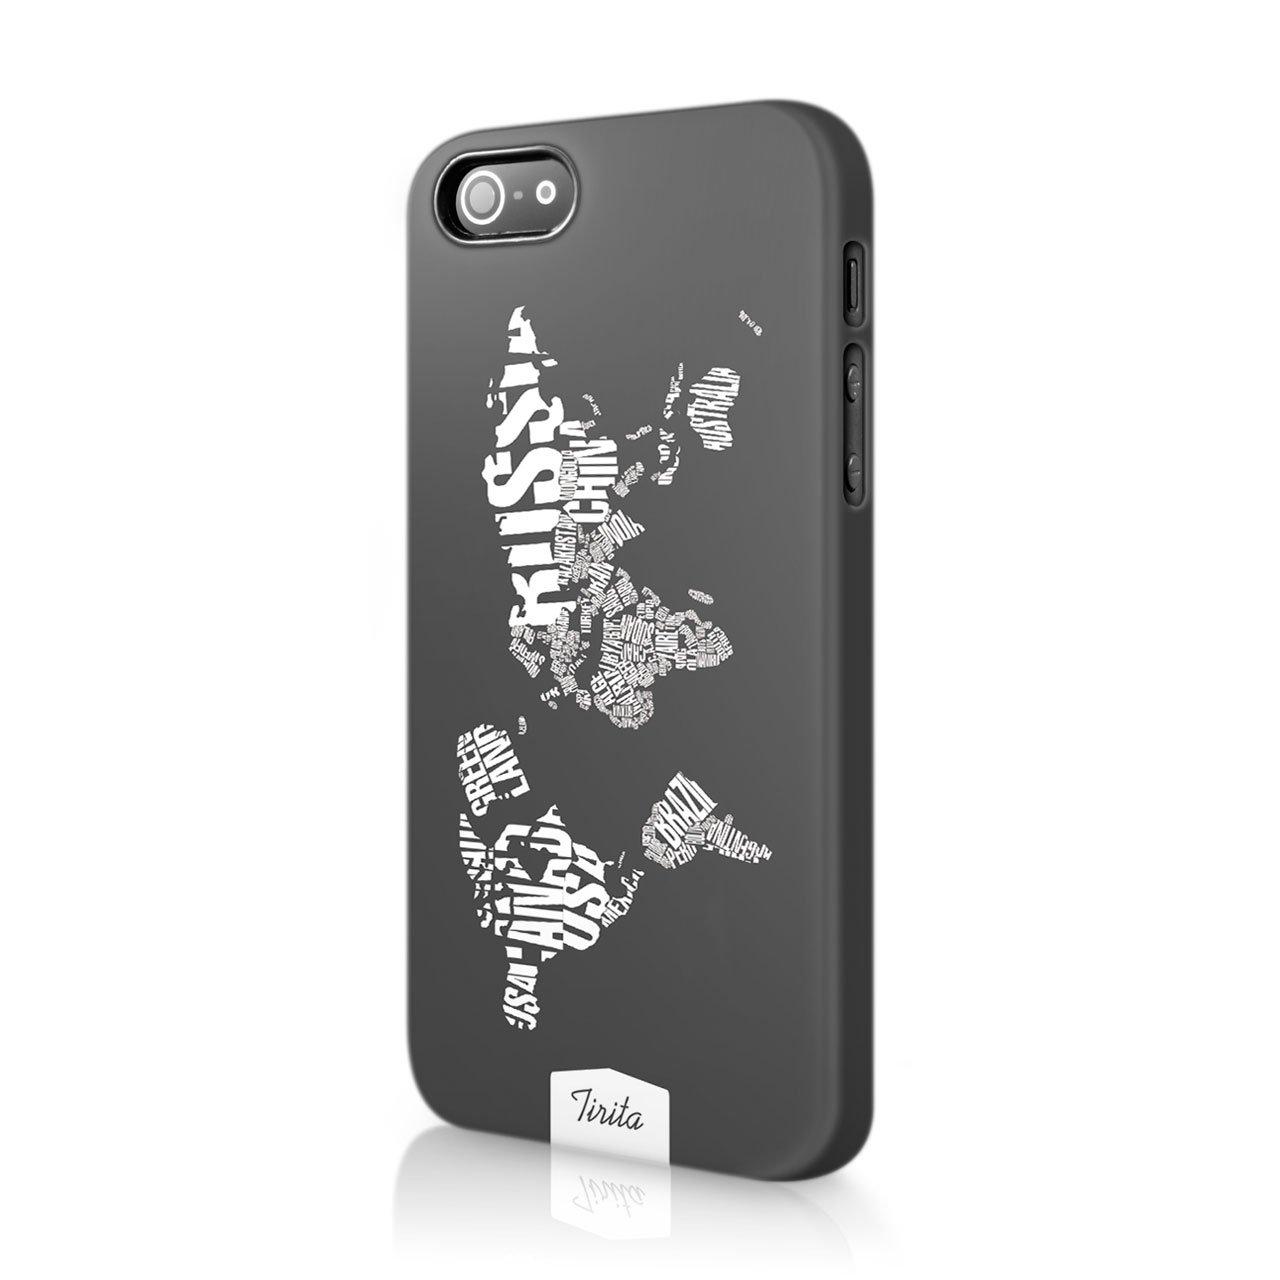 Tirita duro plastica copertura del telefono trendy Fashion cute design World Travel Map Planes passaporto